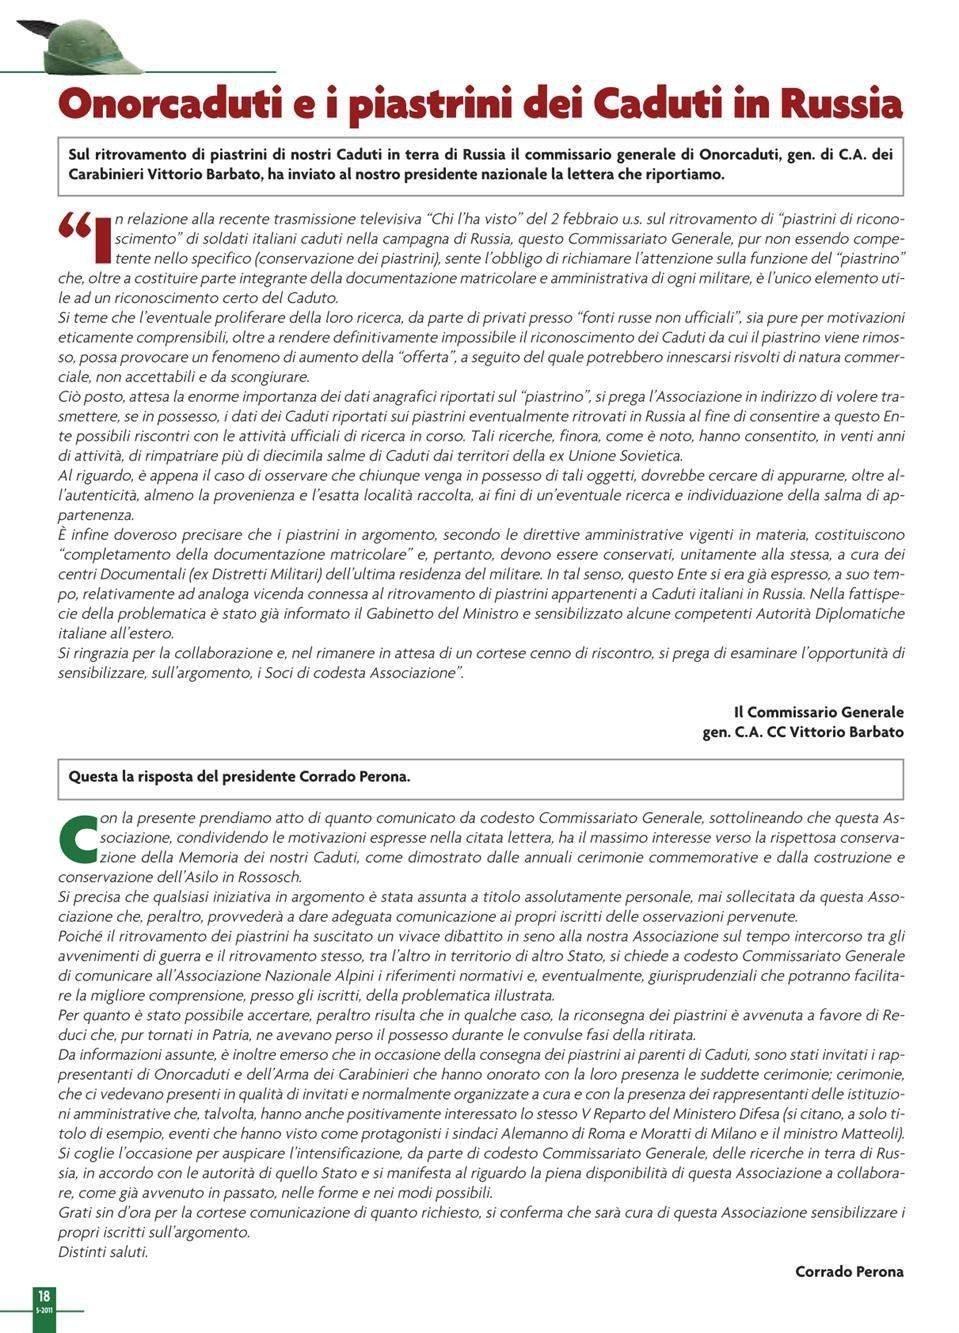 ANA-Onorcaduti, L'Alpino - Maggio 2011, pag. 18